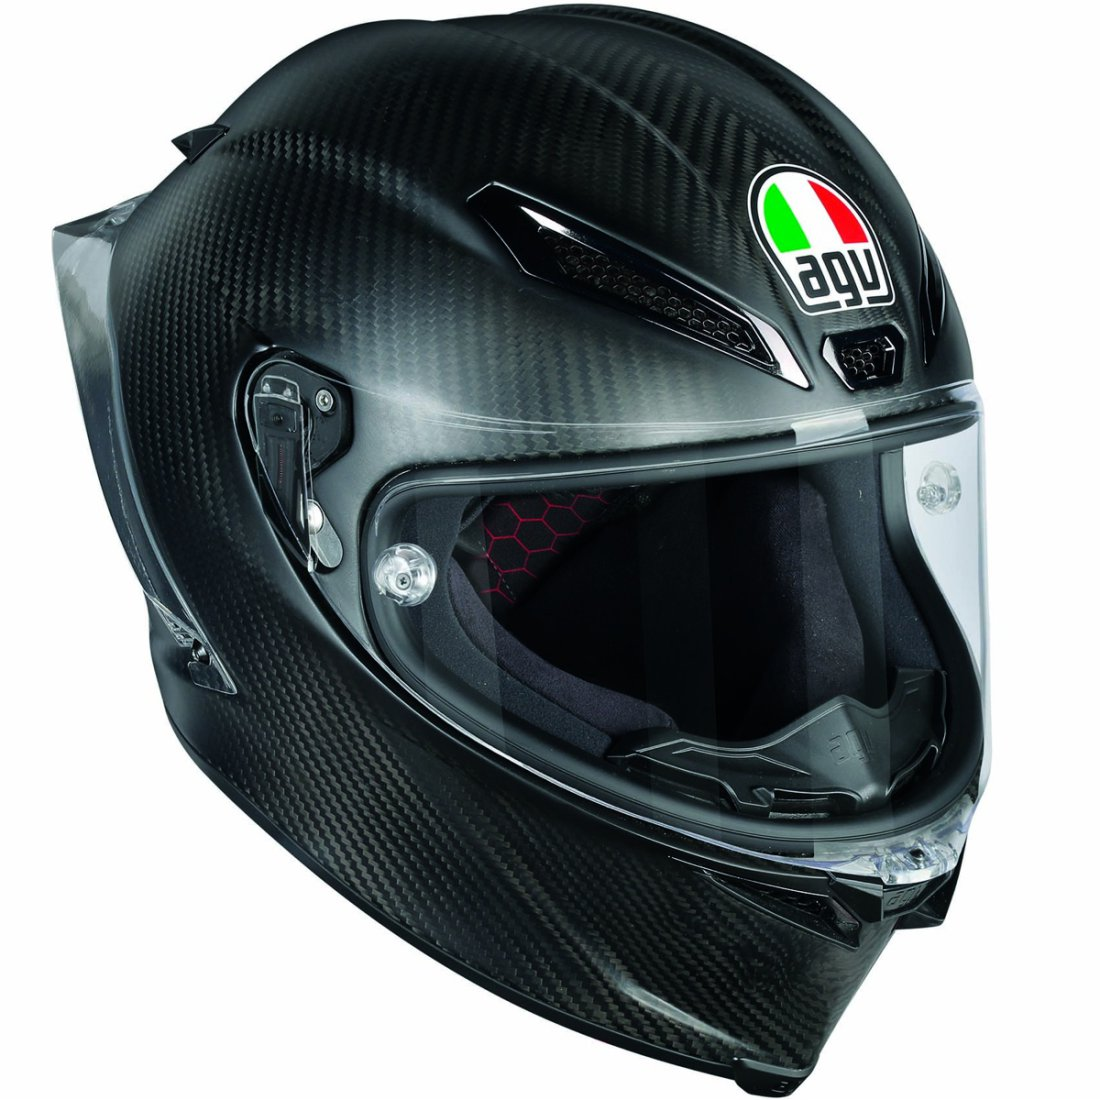 AGV バイク フルフェイス ヘルメット ピスタGP−R ソリッド・カーボン 艶消し